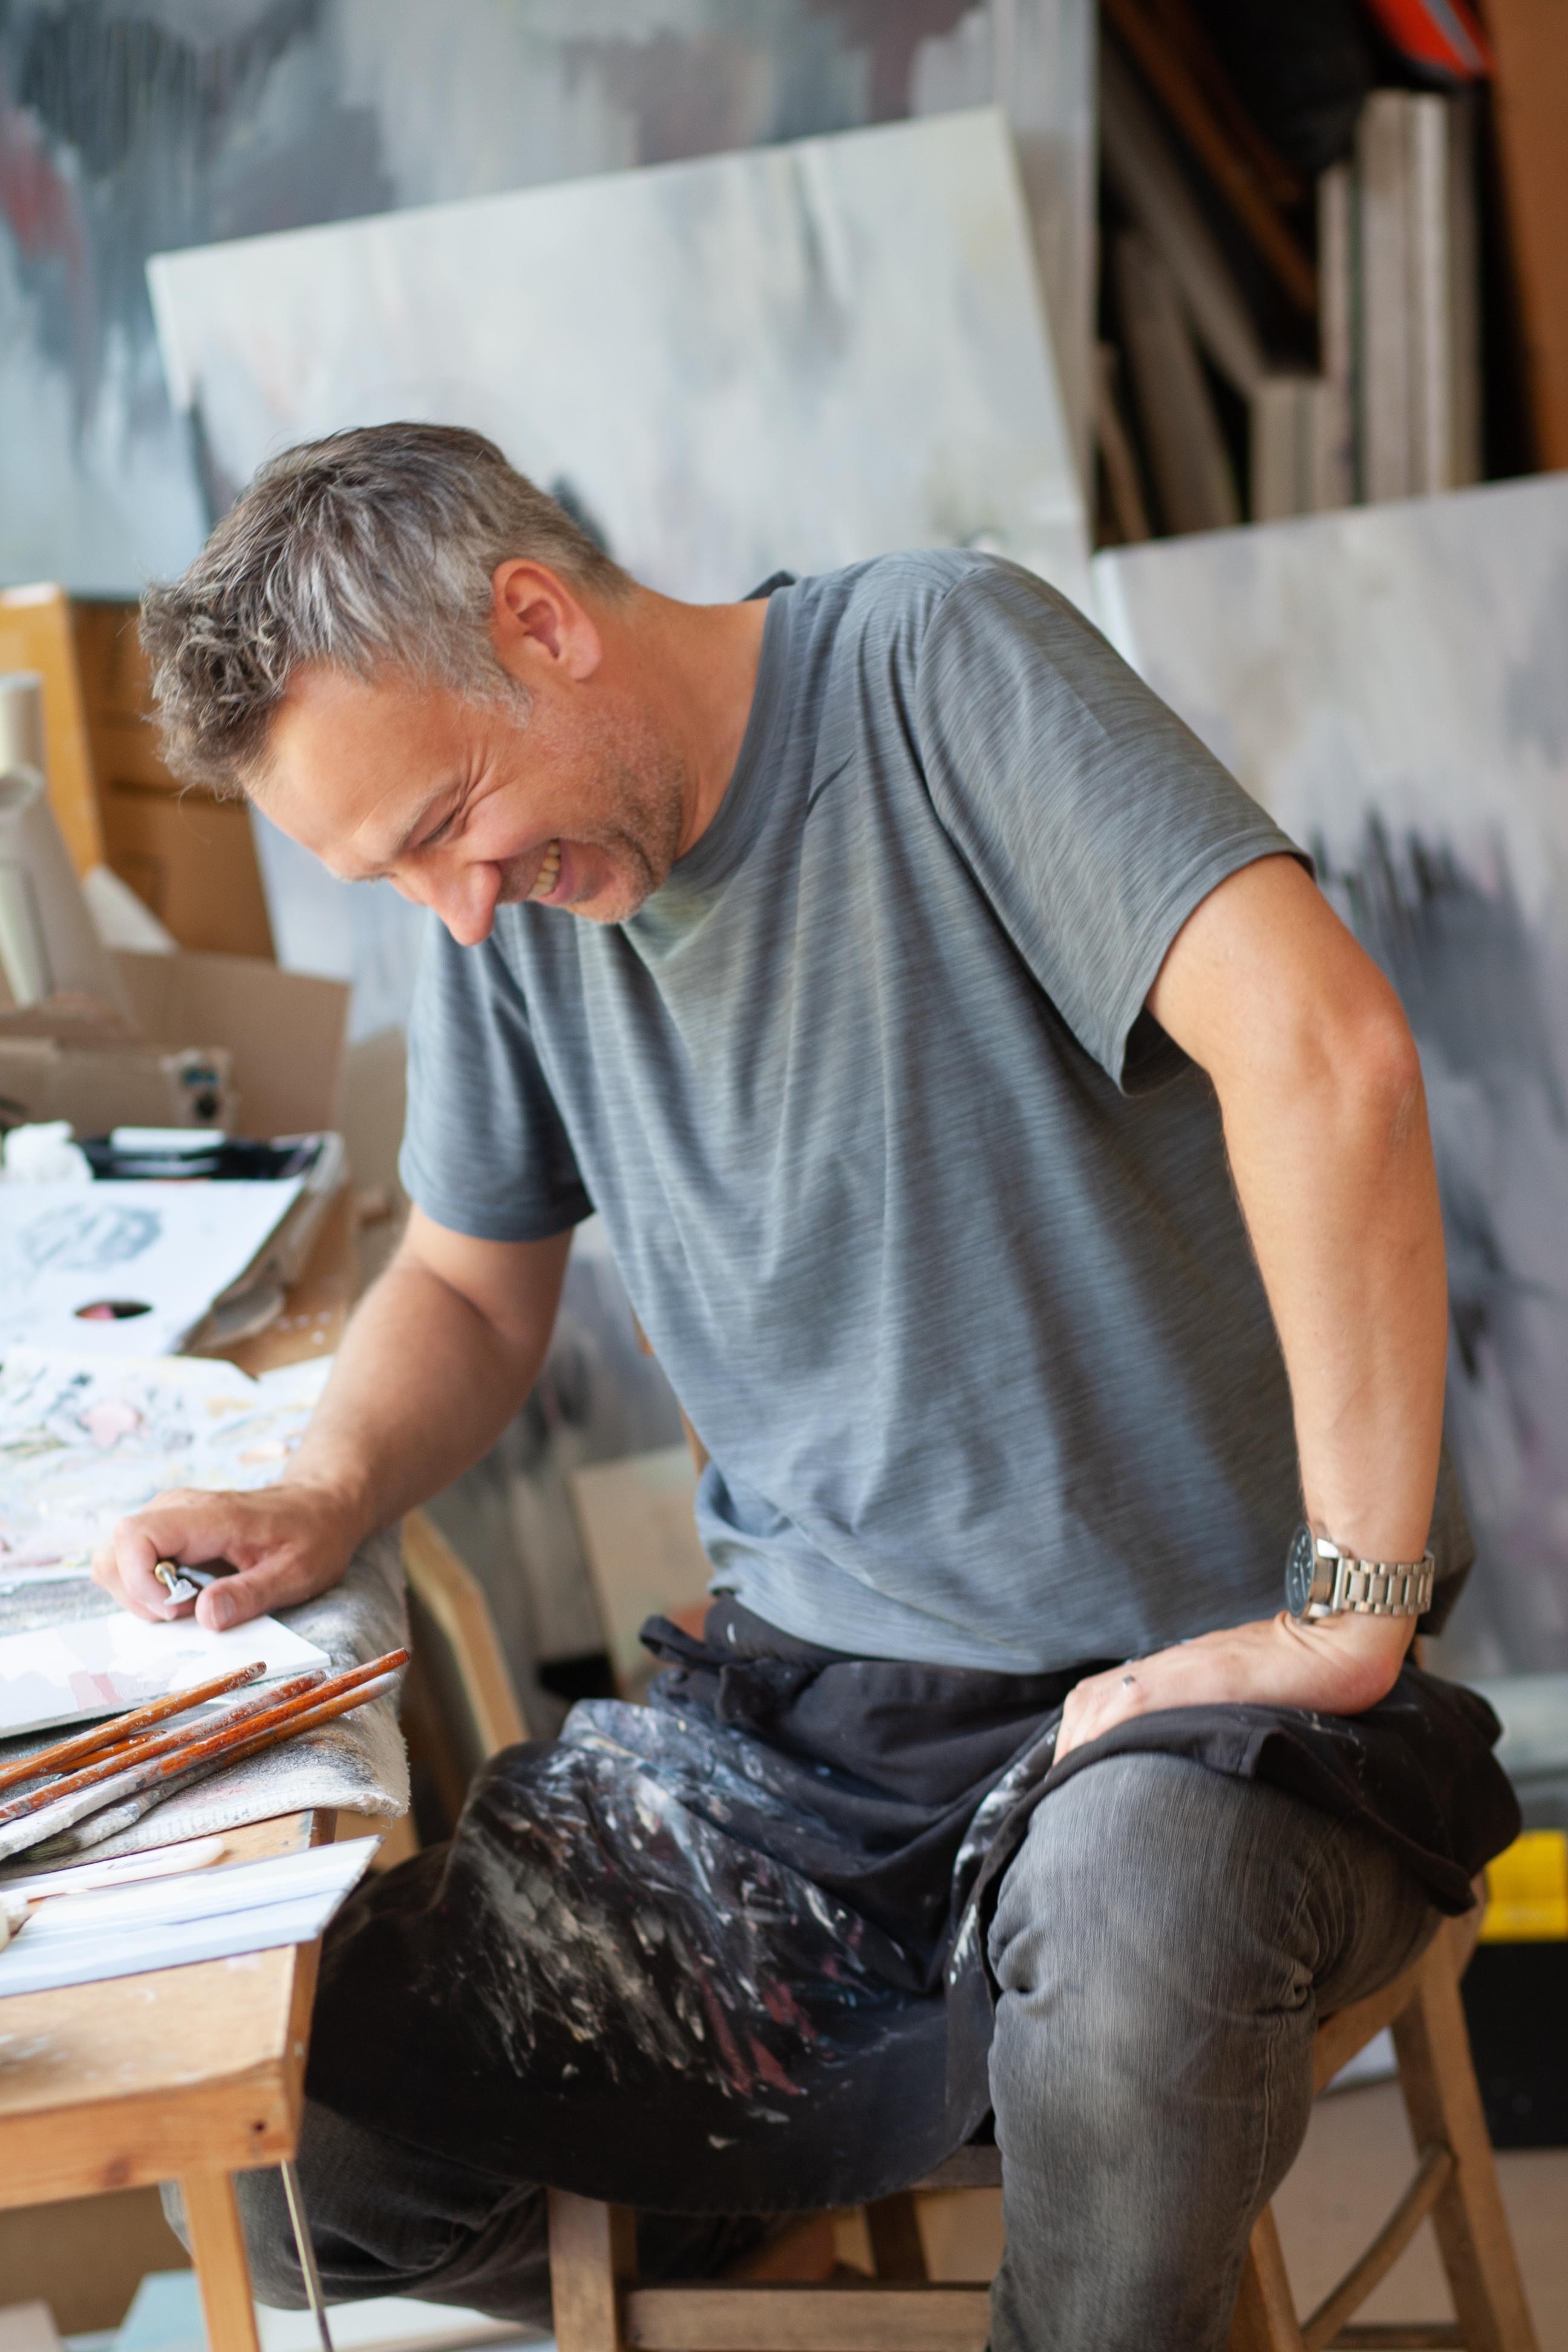 Oliver Hilton, Artist